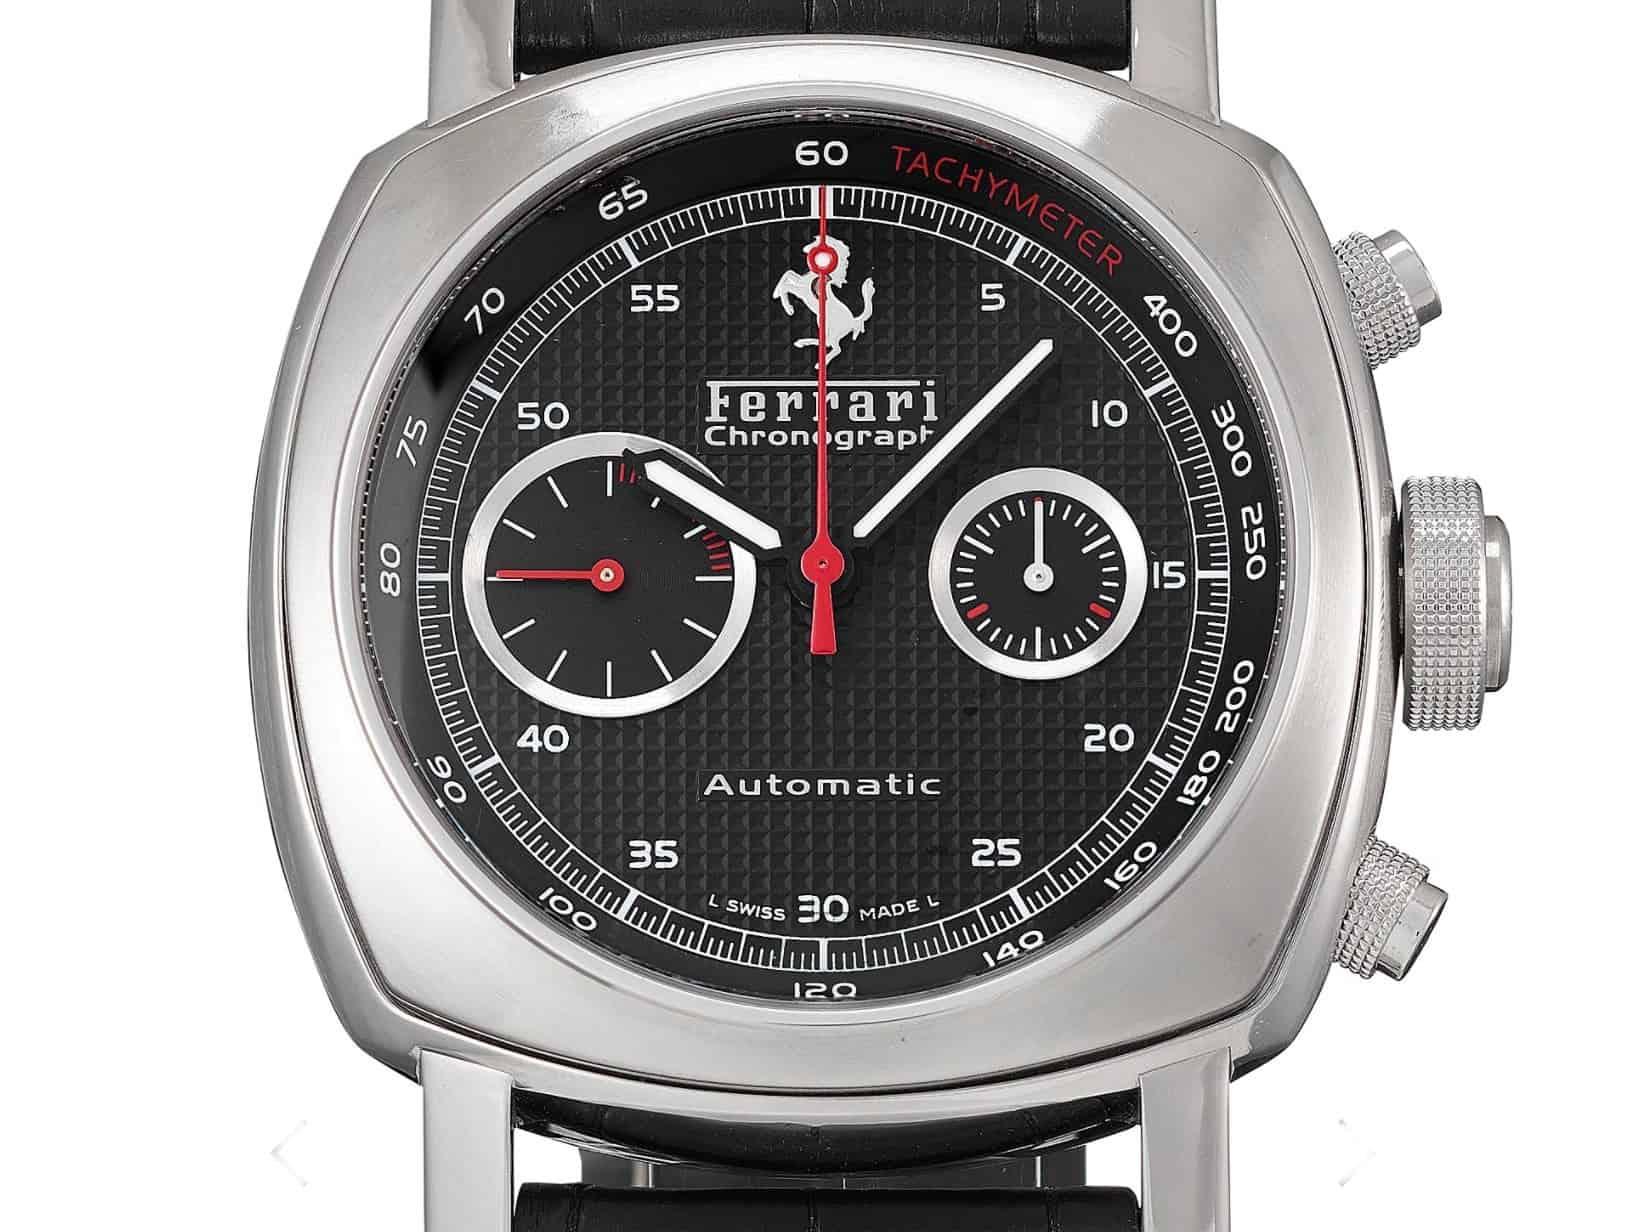 Panerai Ferrari Granturismo Chronograph Ref Fer00004